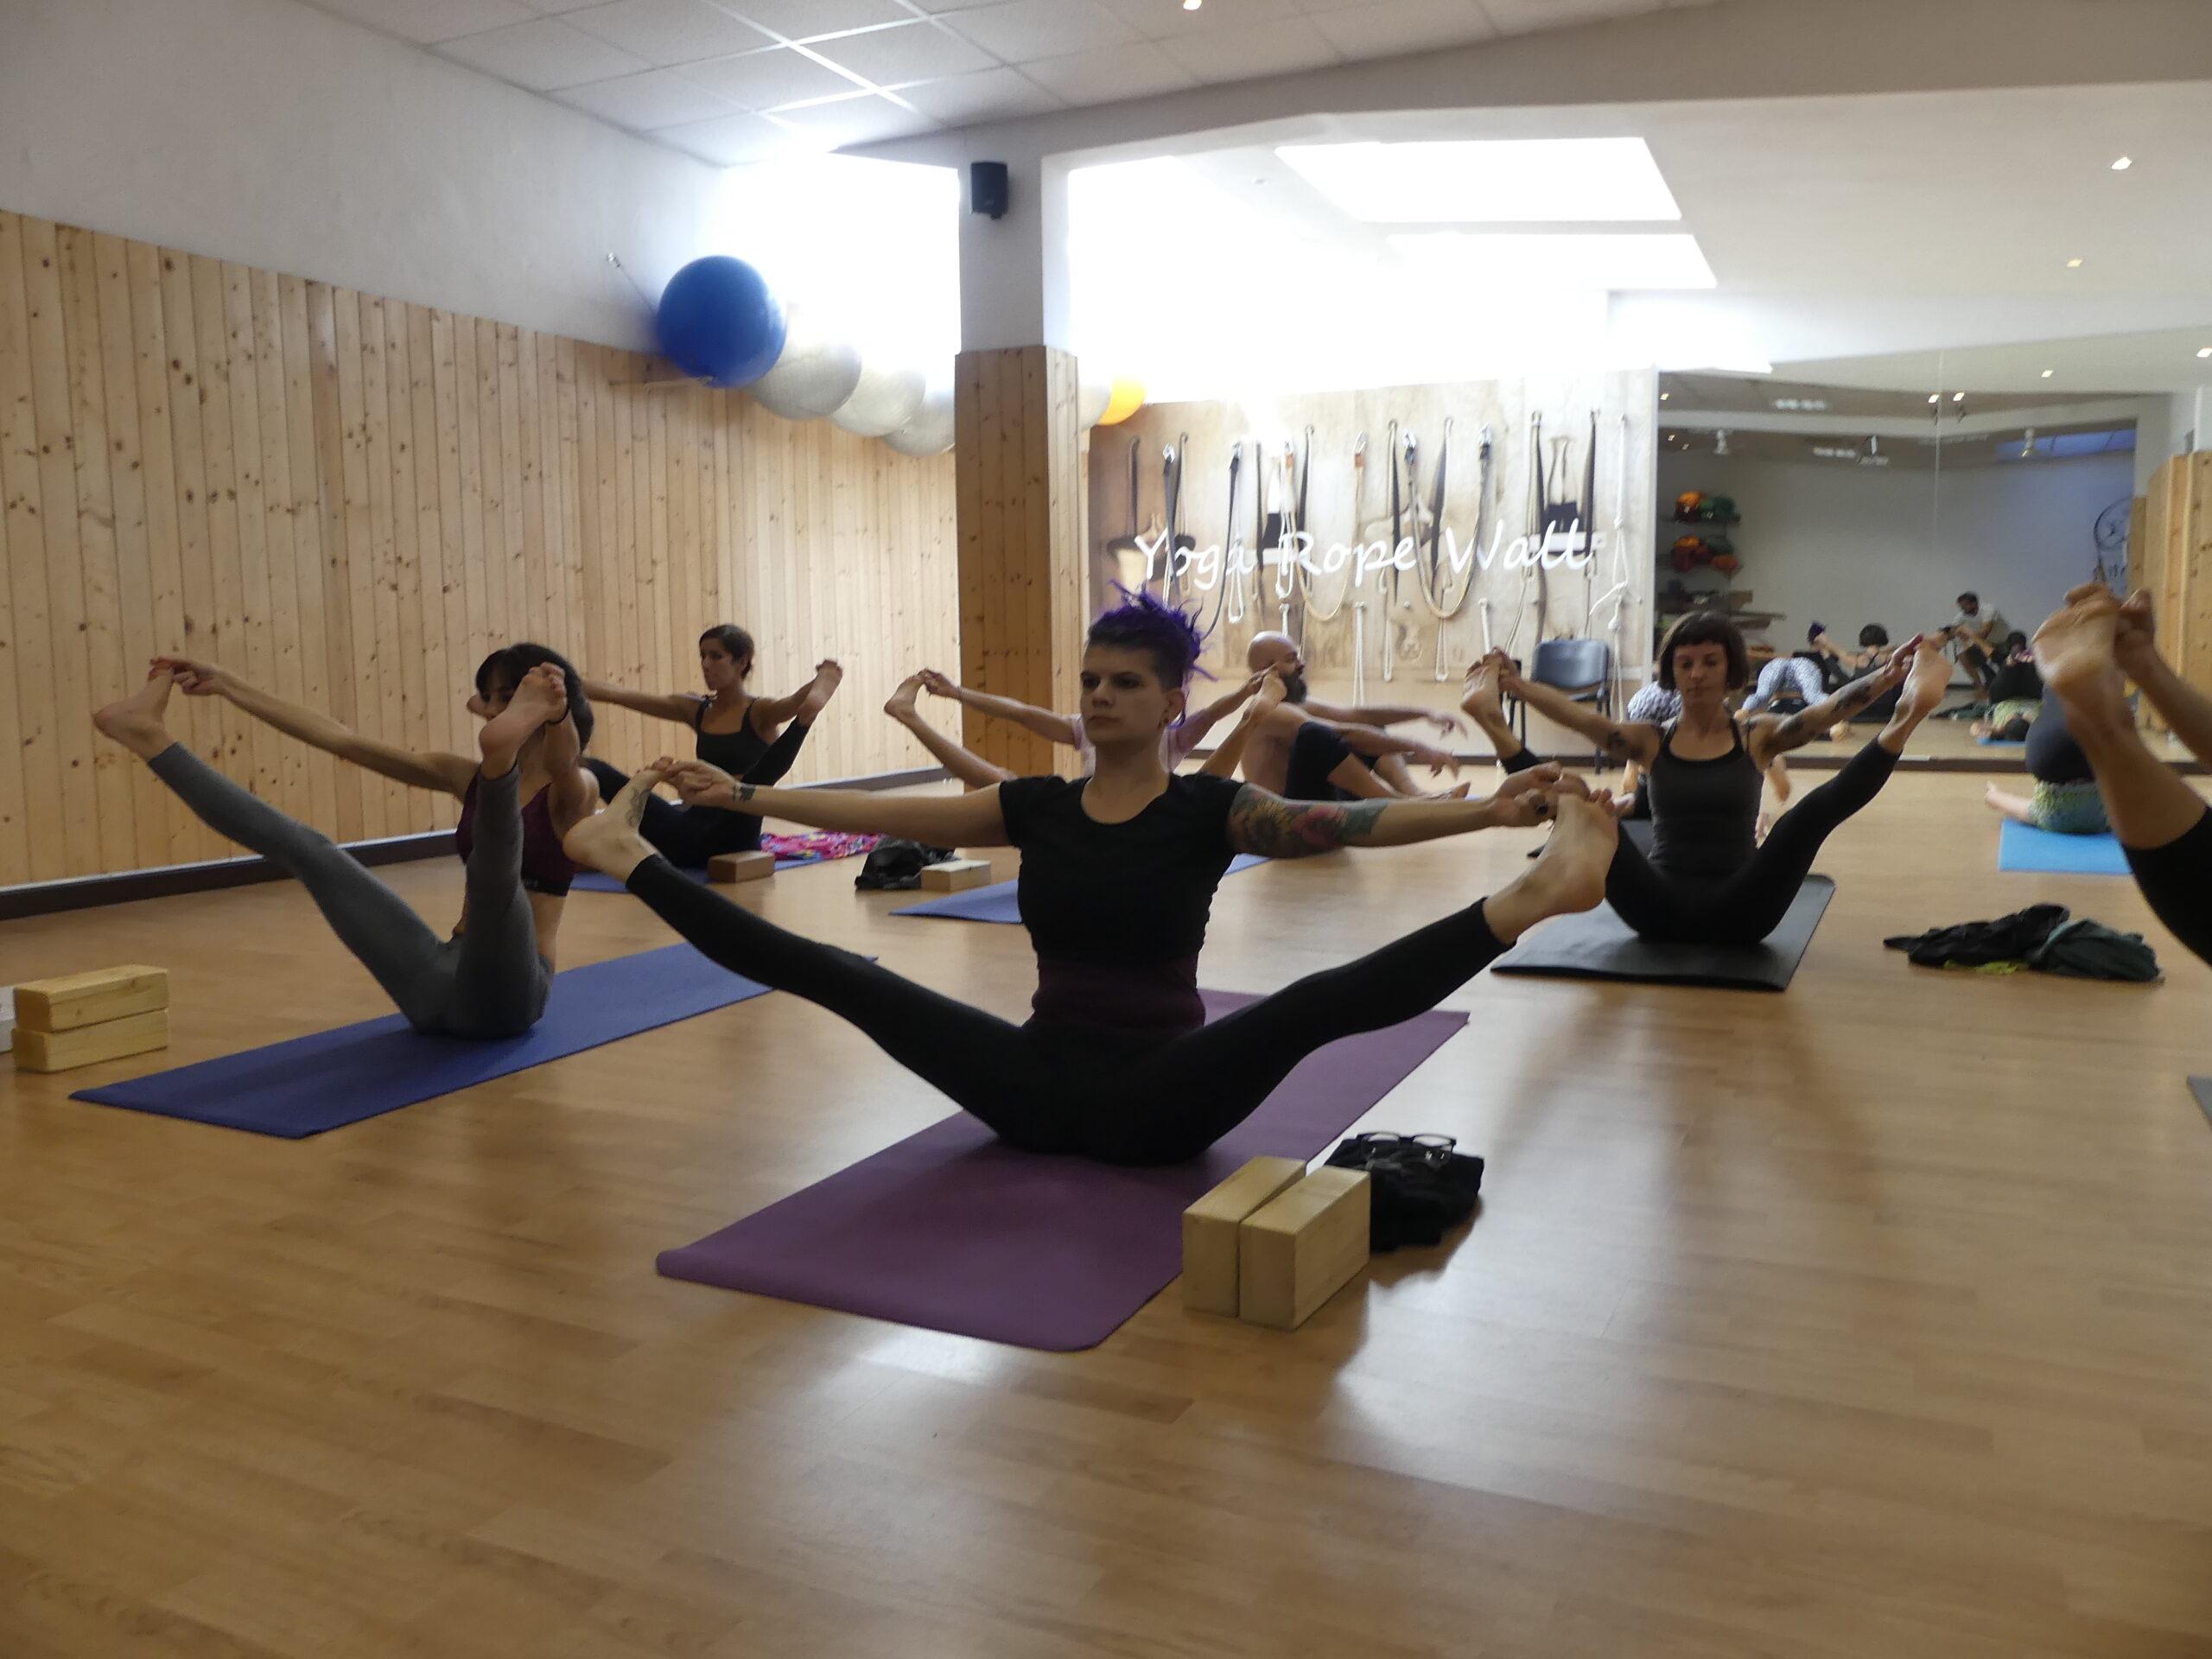 vinyasa yoga respiro e movimento yoga lesson presso il centro 4.0 viareggio lucca associazione sportiva